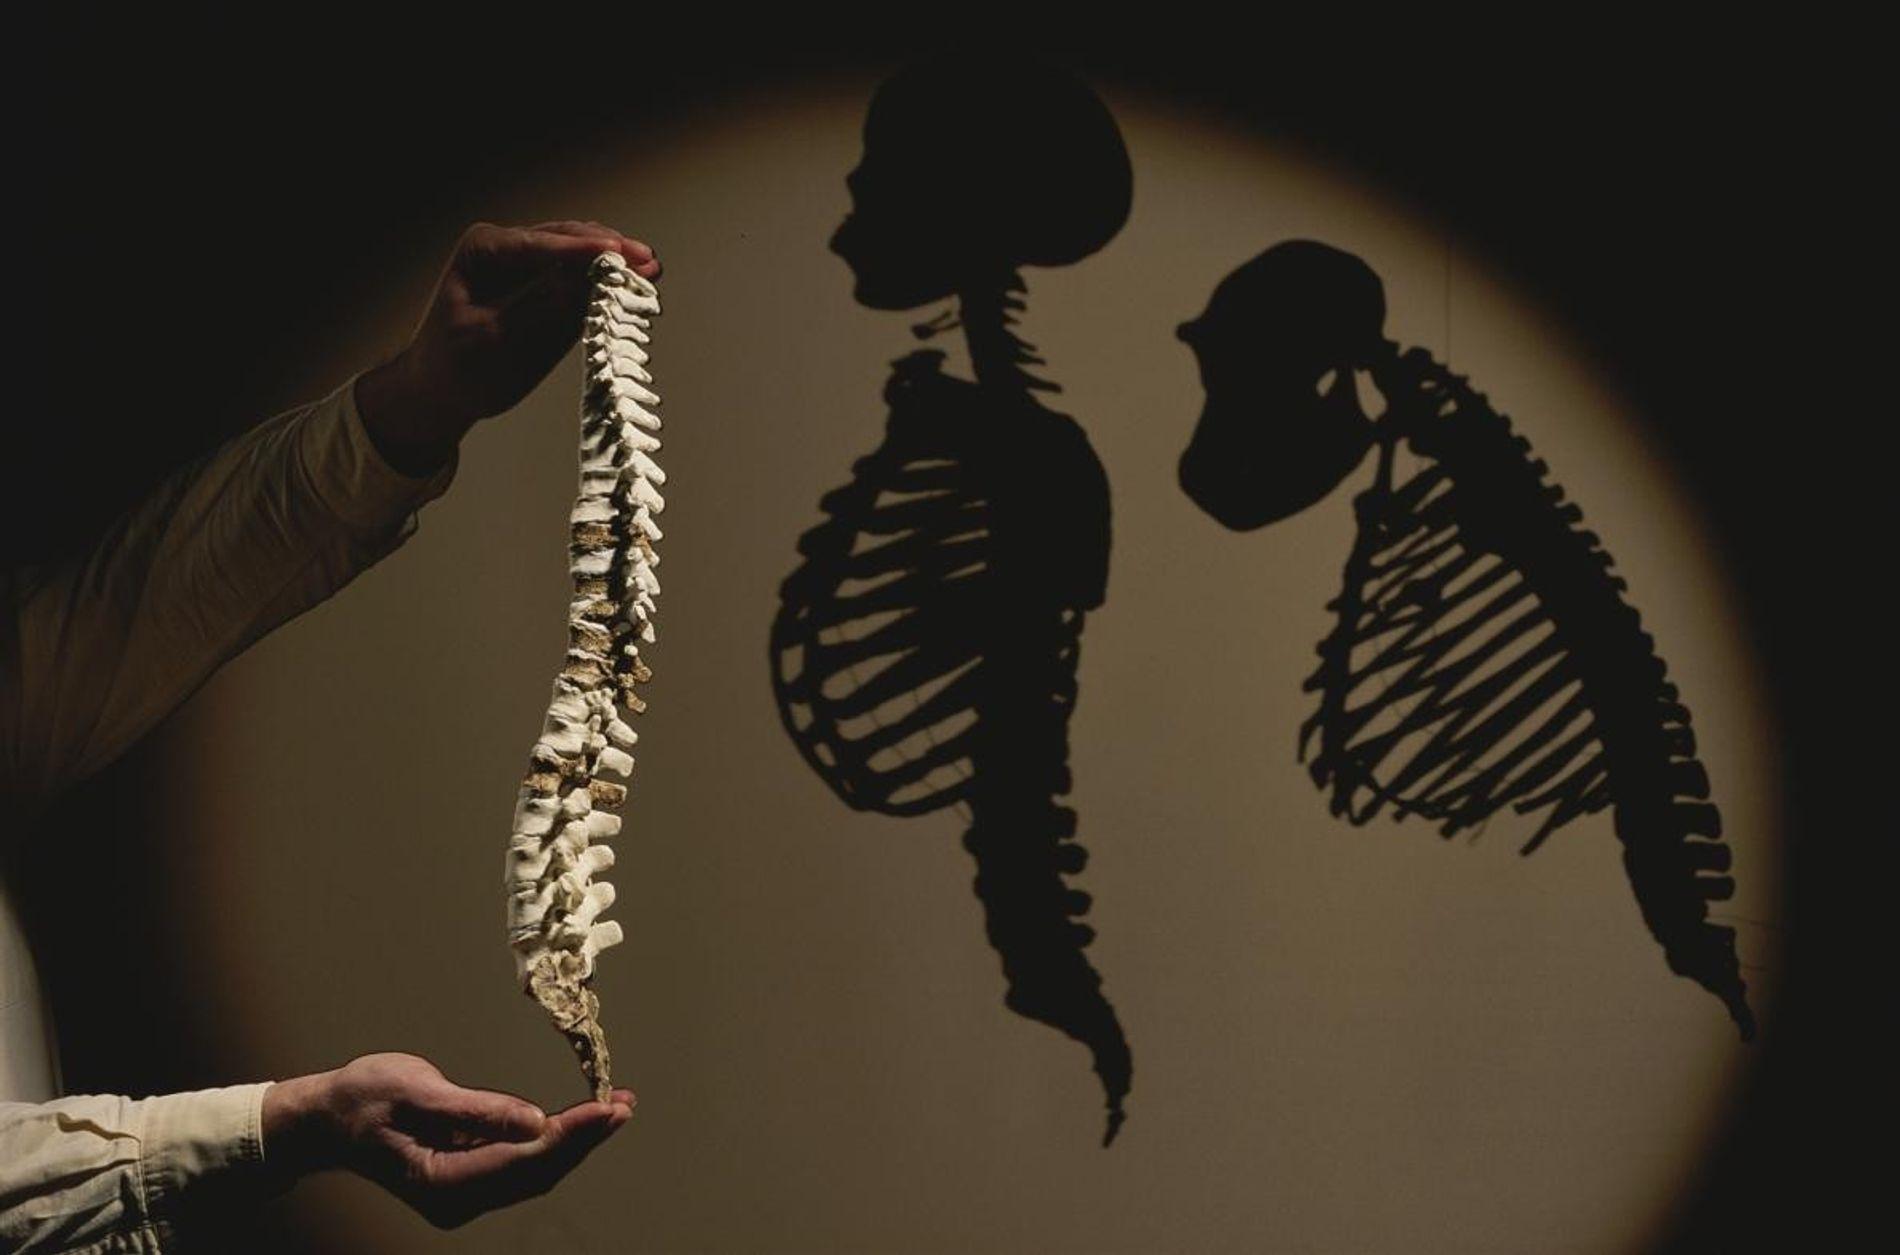 Modélisation de la colonne vertébrale de l'Australopithecus afarensis (Lucy) montré à côté des ombres d'un humain ...